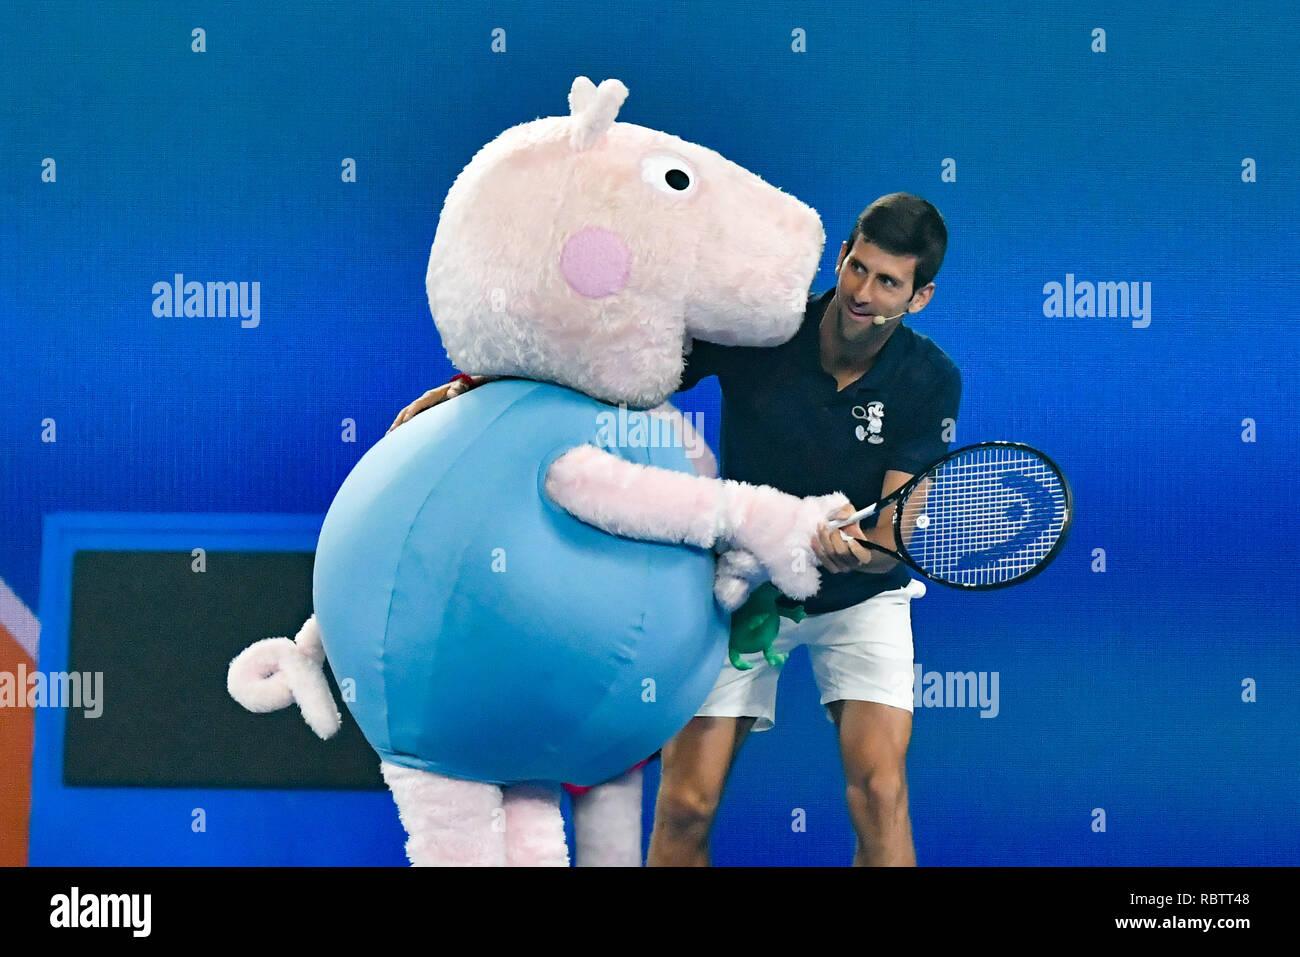 Melbourne, Australia. Xii gen, 2019. Novak Djokovic e Peppa Pig intrattenere la folla sul Rod Laver Arena a tennis per bambini giorno antecedente al 2019 Australian Open Grand Slam torneo di tennis a Melbourne, Australia. Sydney bassa/Cal Sport Media/Alamy Live News Immagini Stock